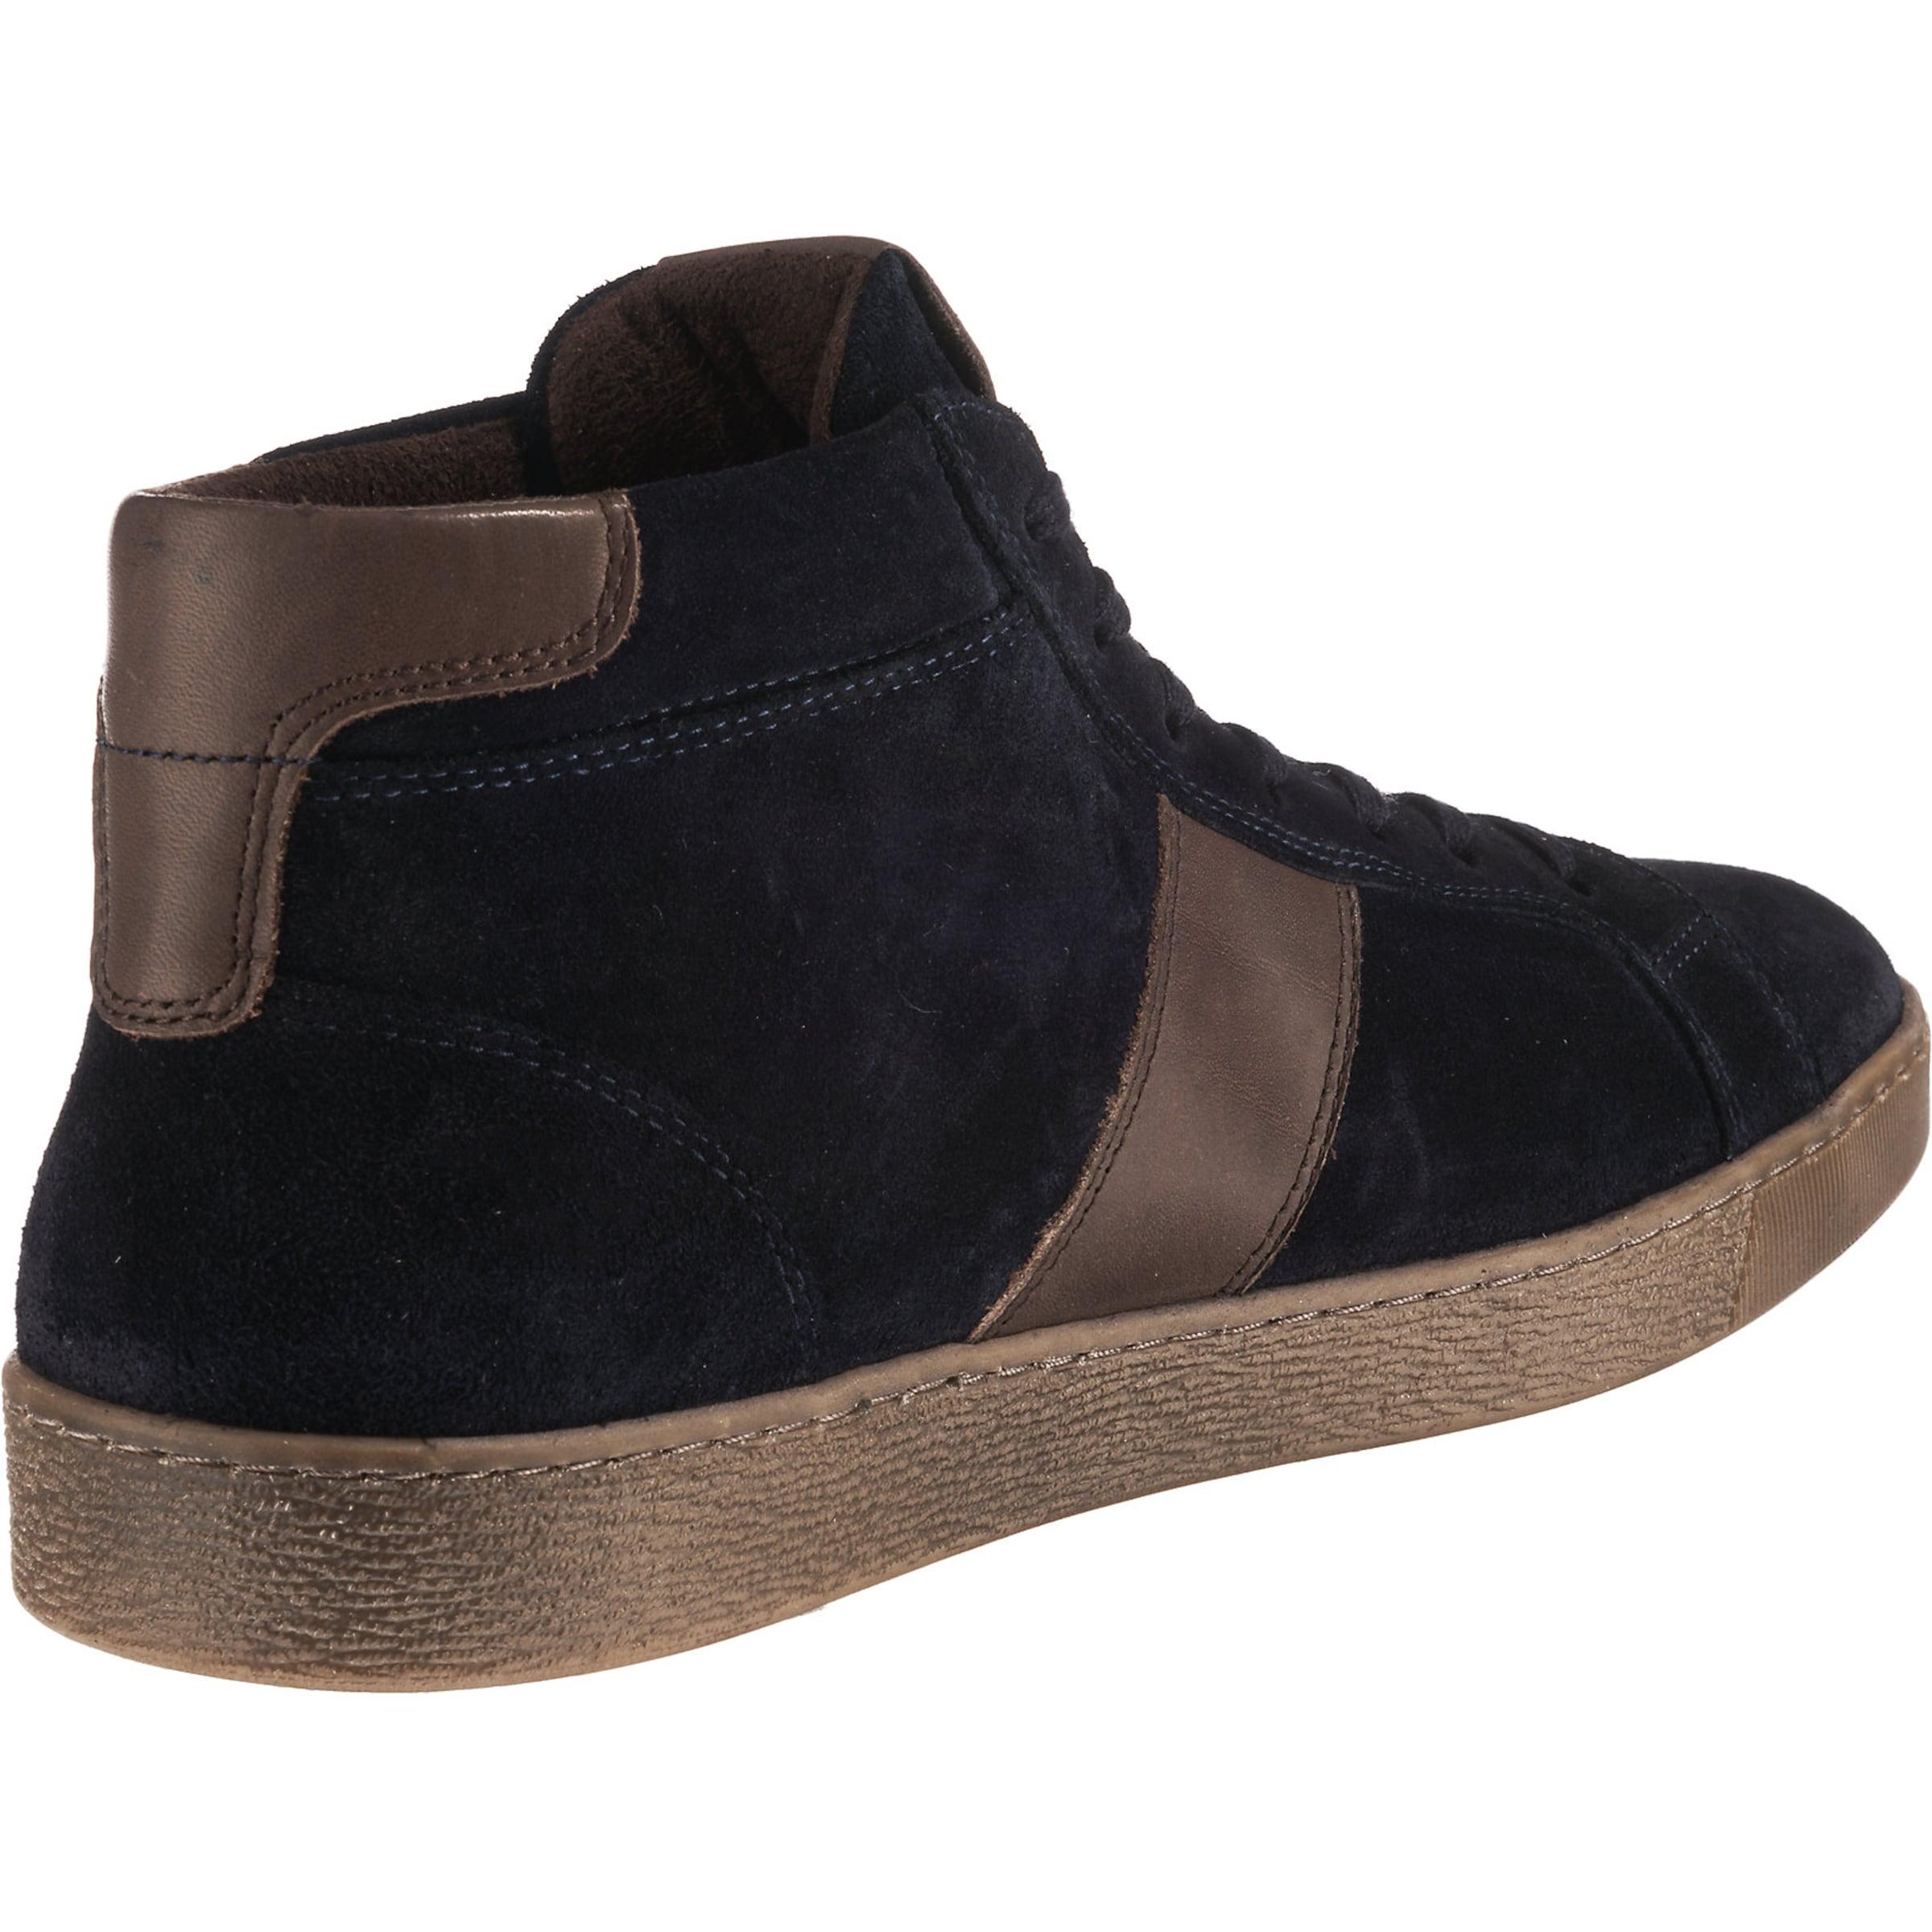 In Camel Sneakers 'tonic' Nachtblau Active 8vmnw0N